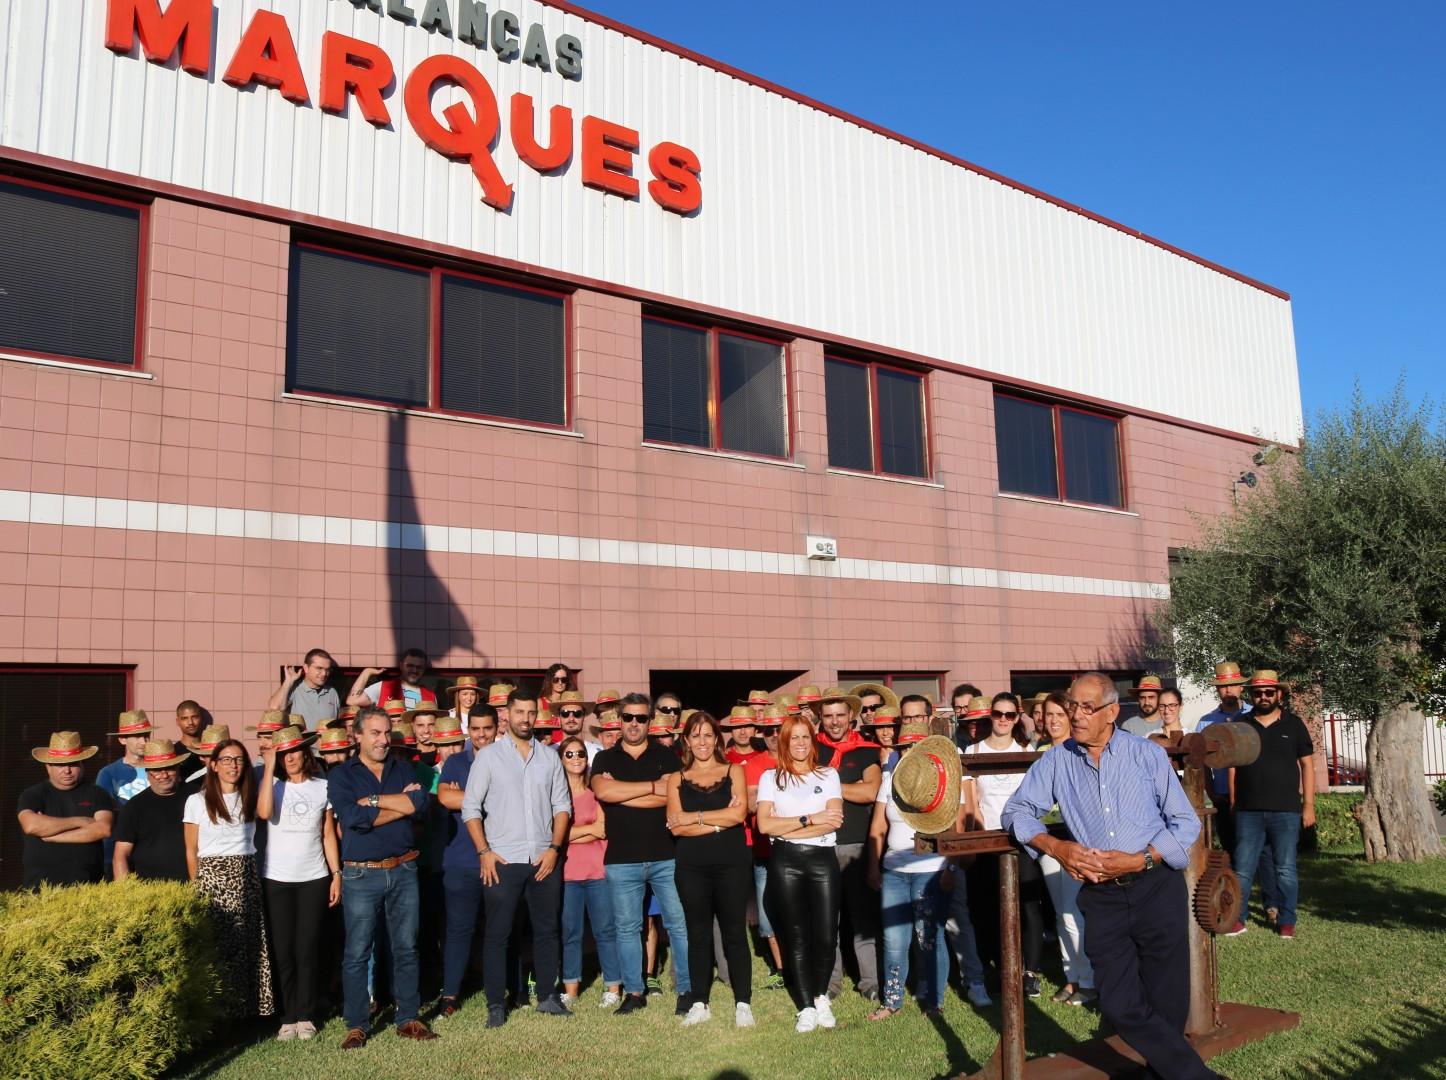 Grupo José Pimenta Marques aumenta salário mínimo para 650 euros